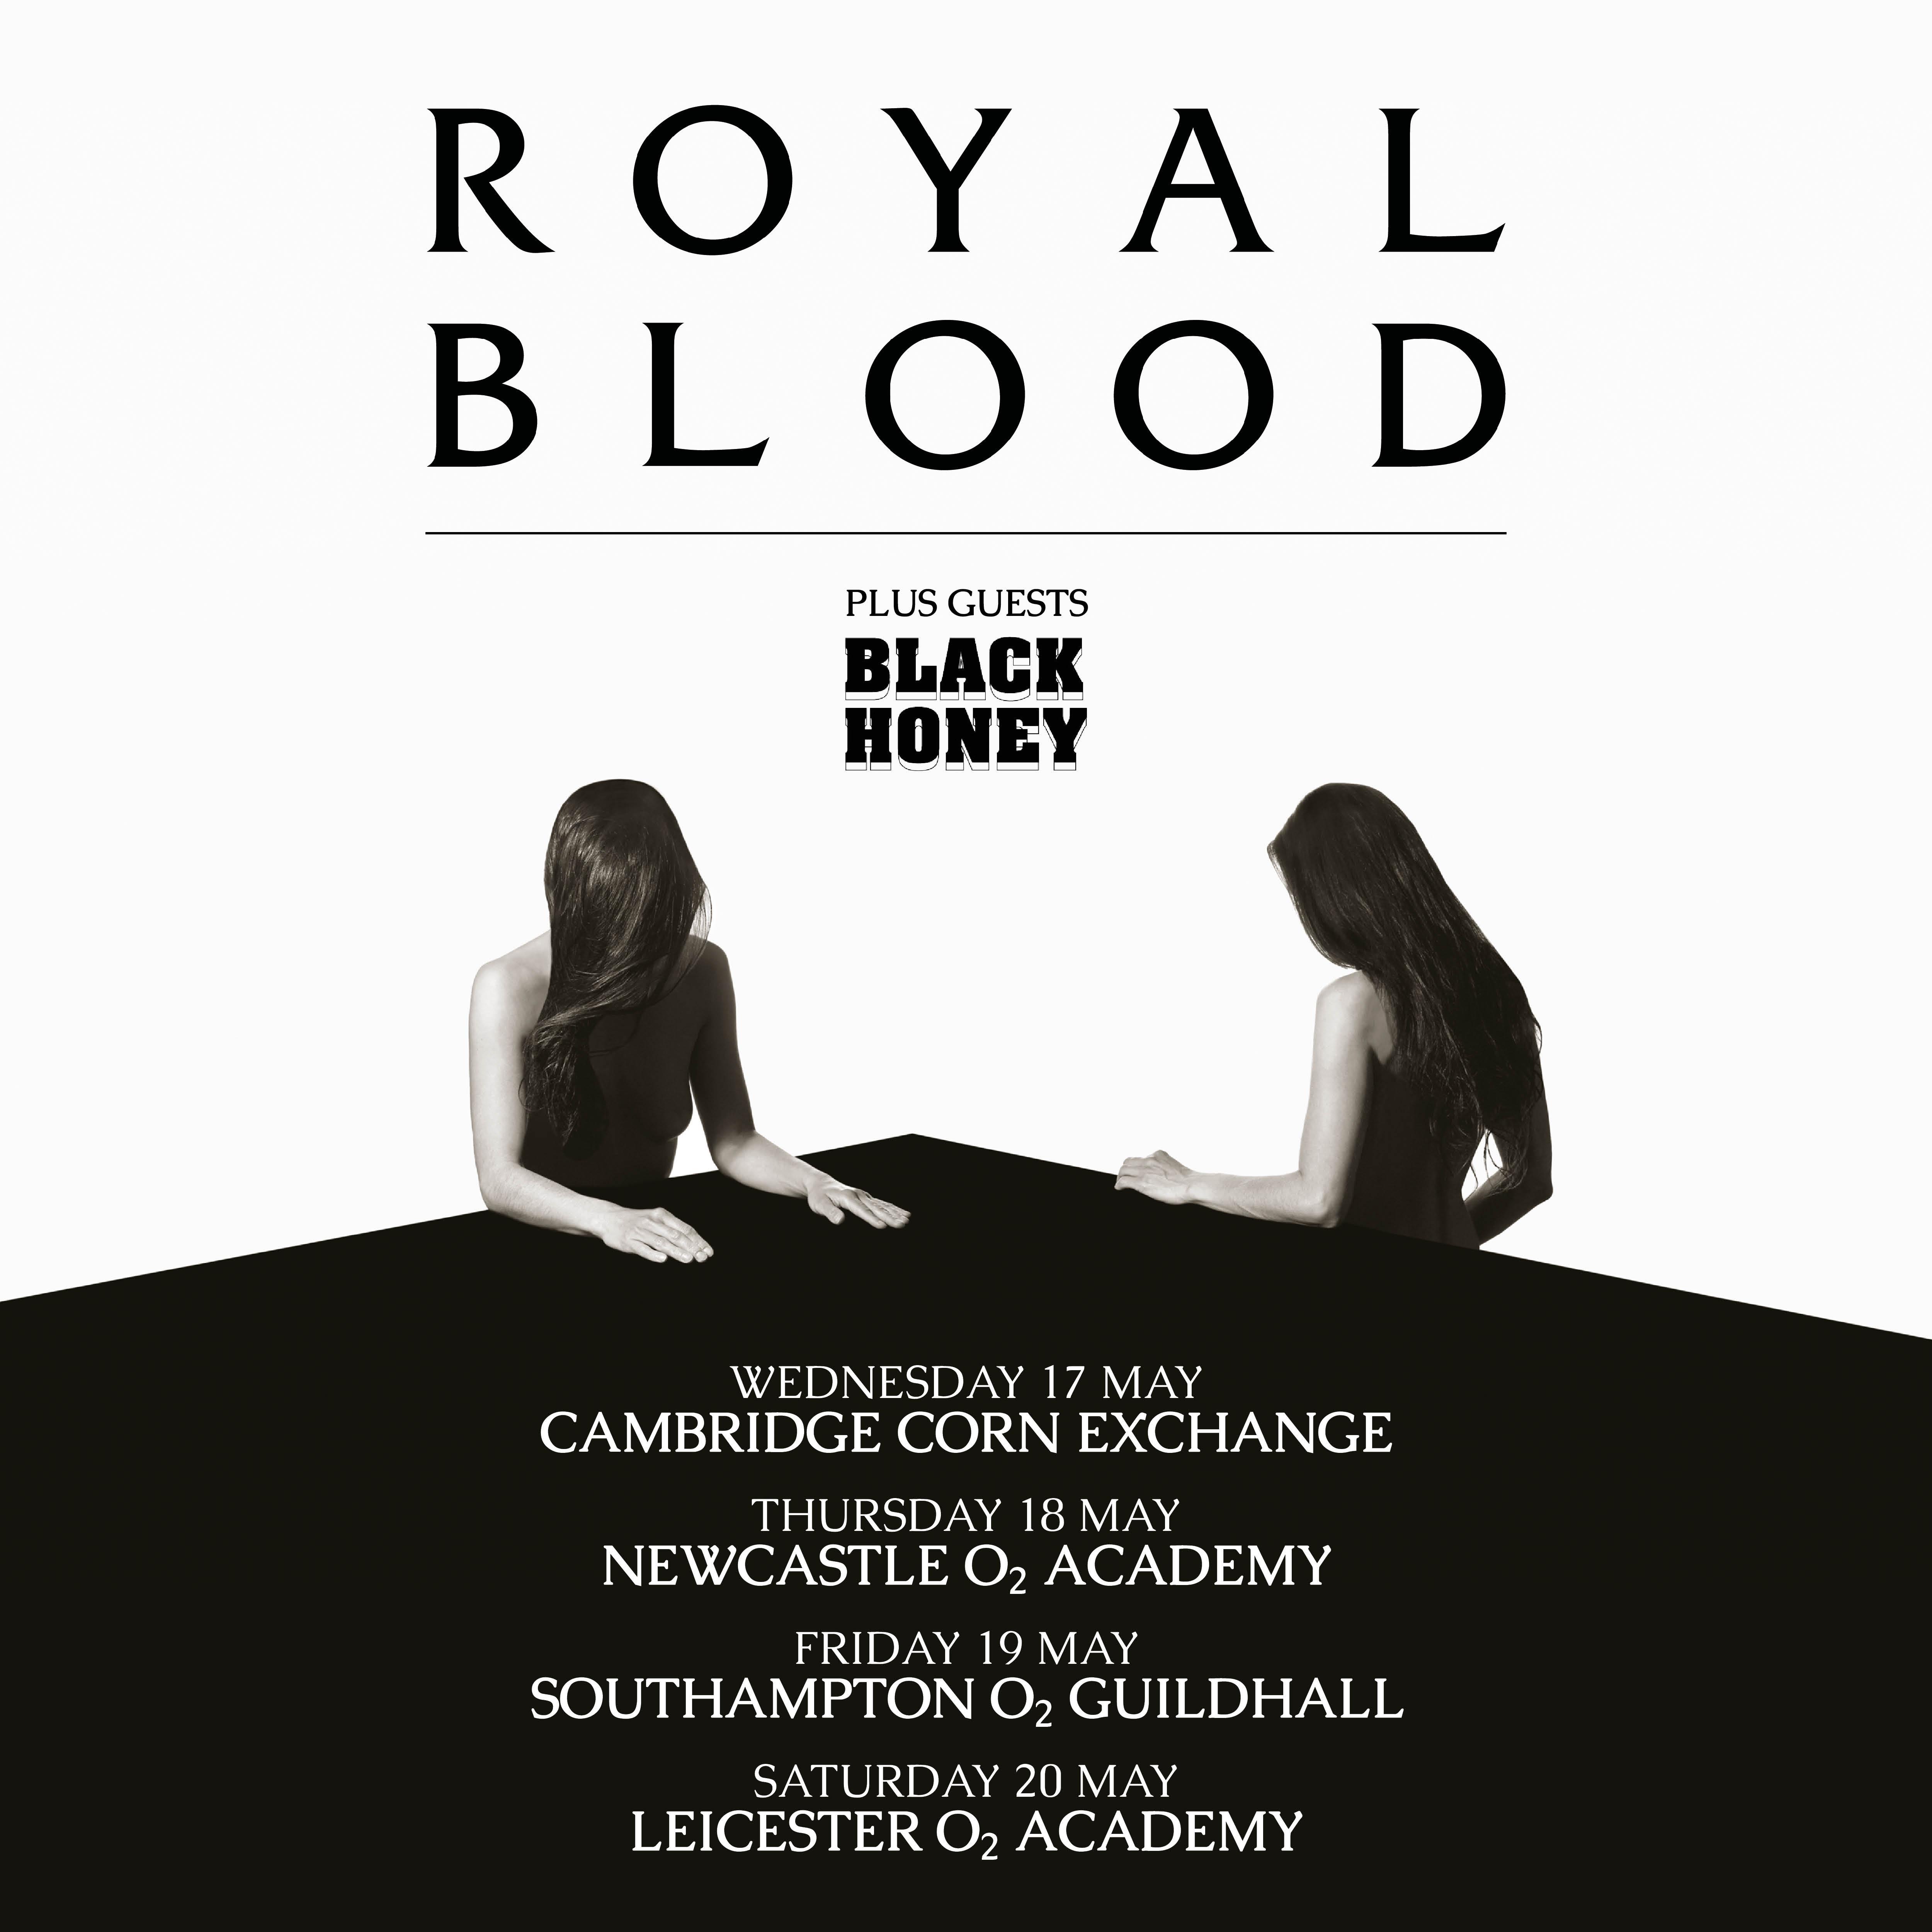 RoyalBlood_1200x1200